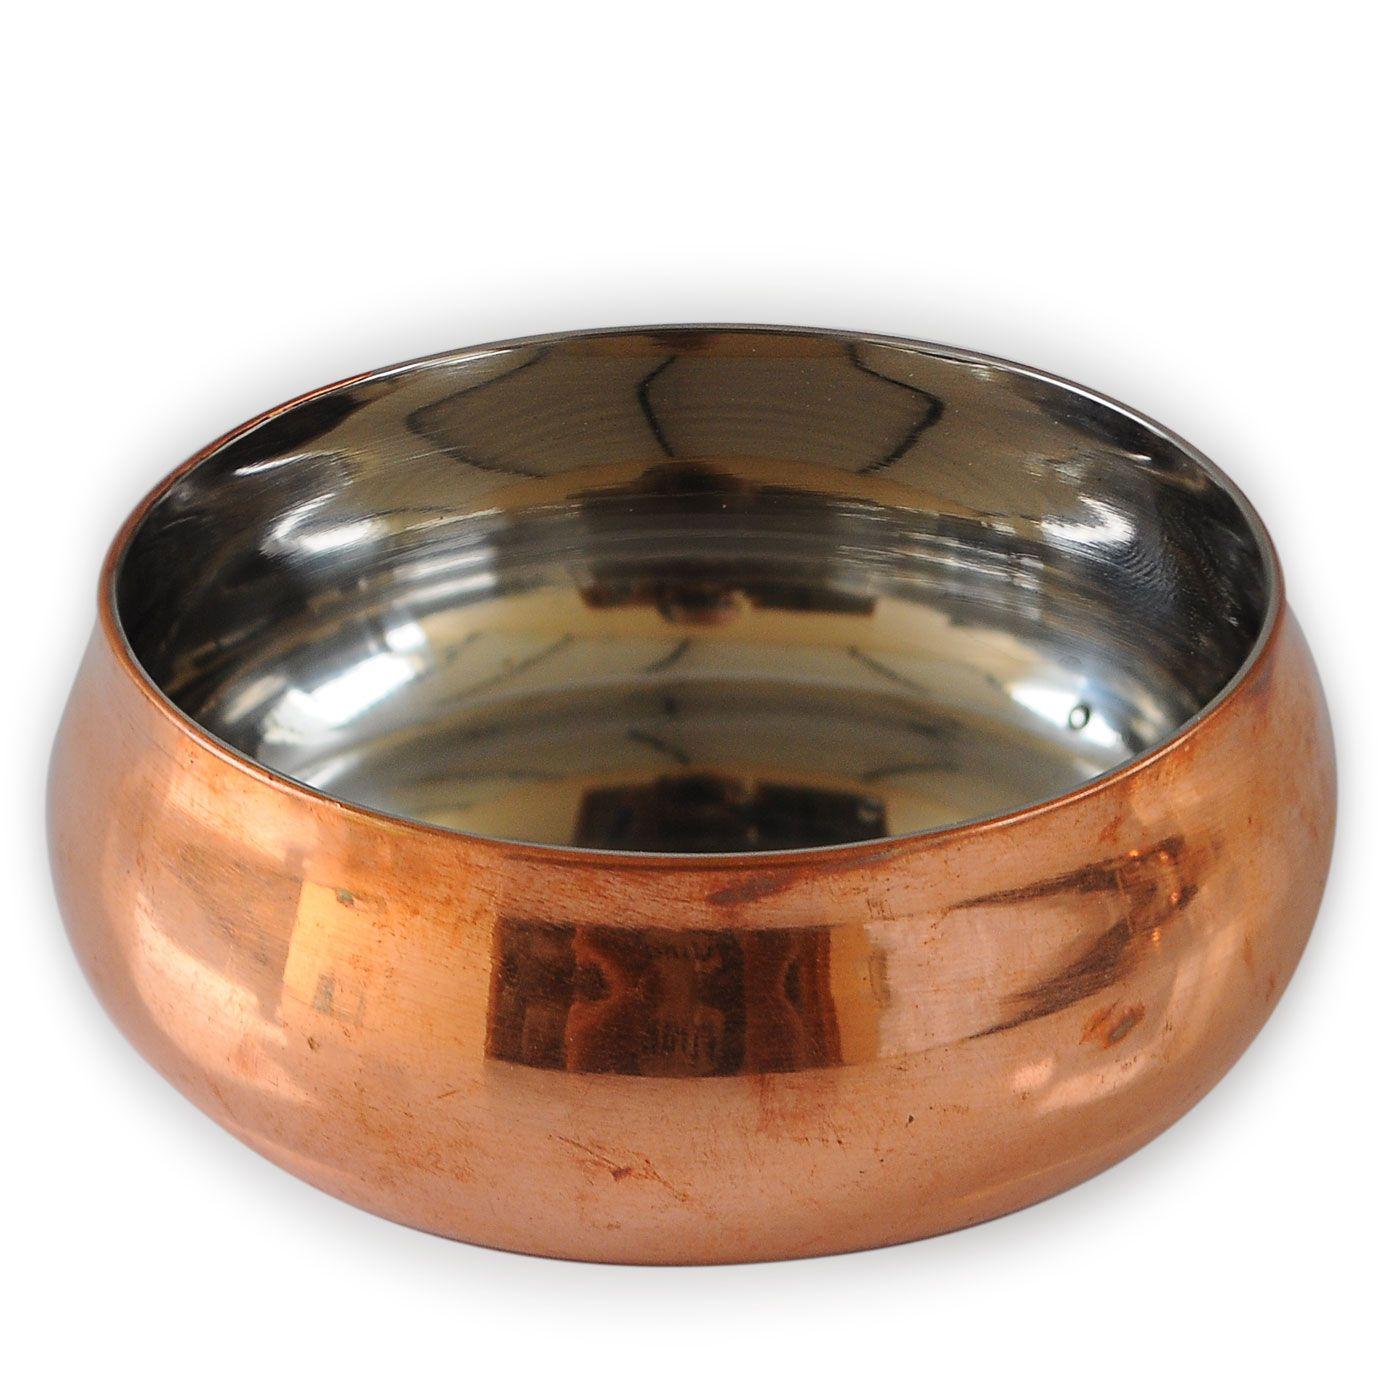 indian copper bowls, copper bowls for sale, serving bowls, hammered copper bowls